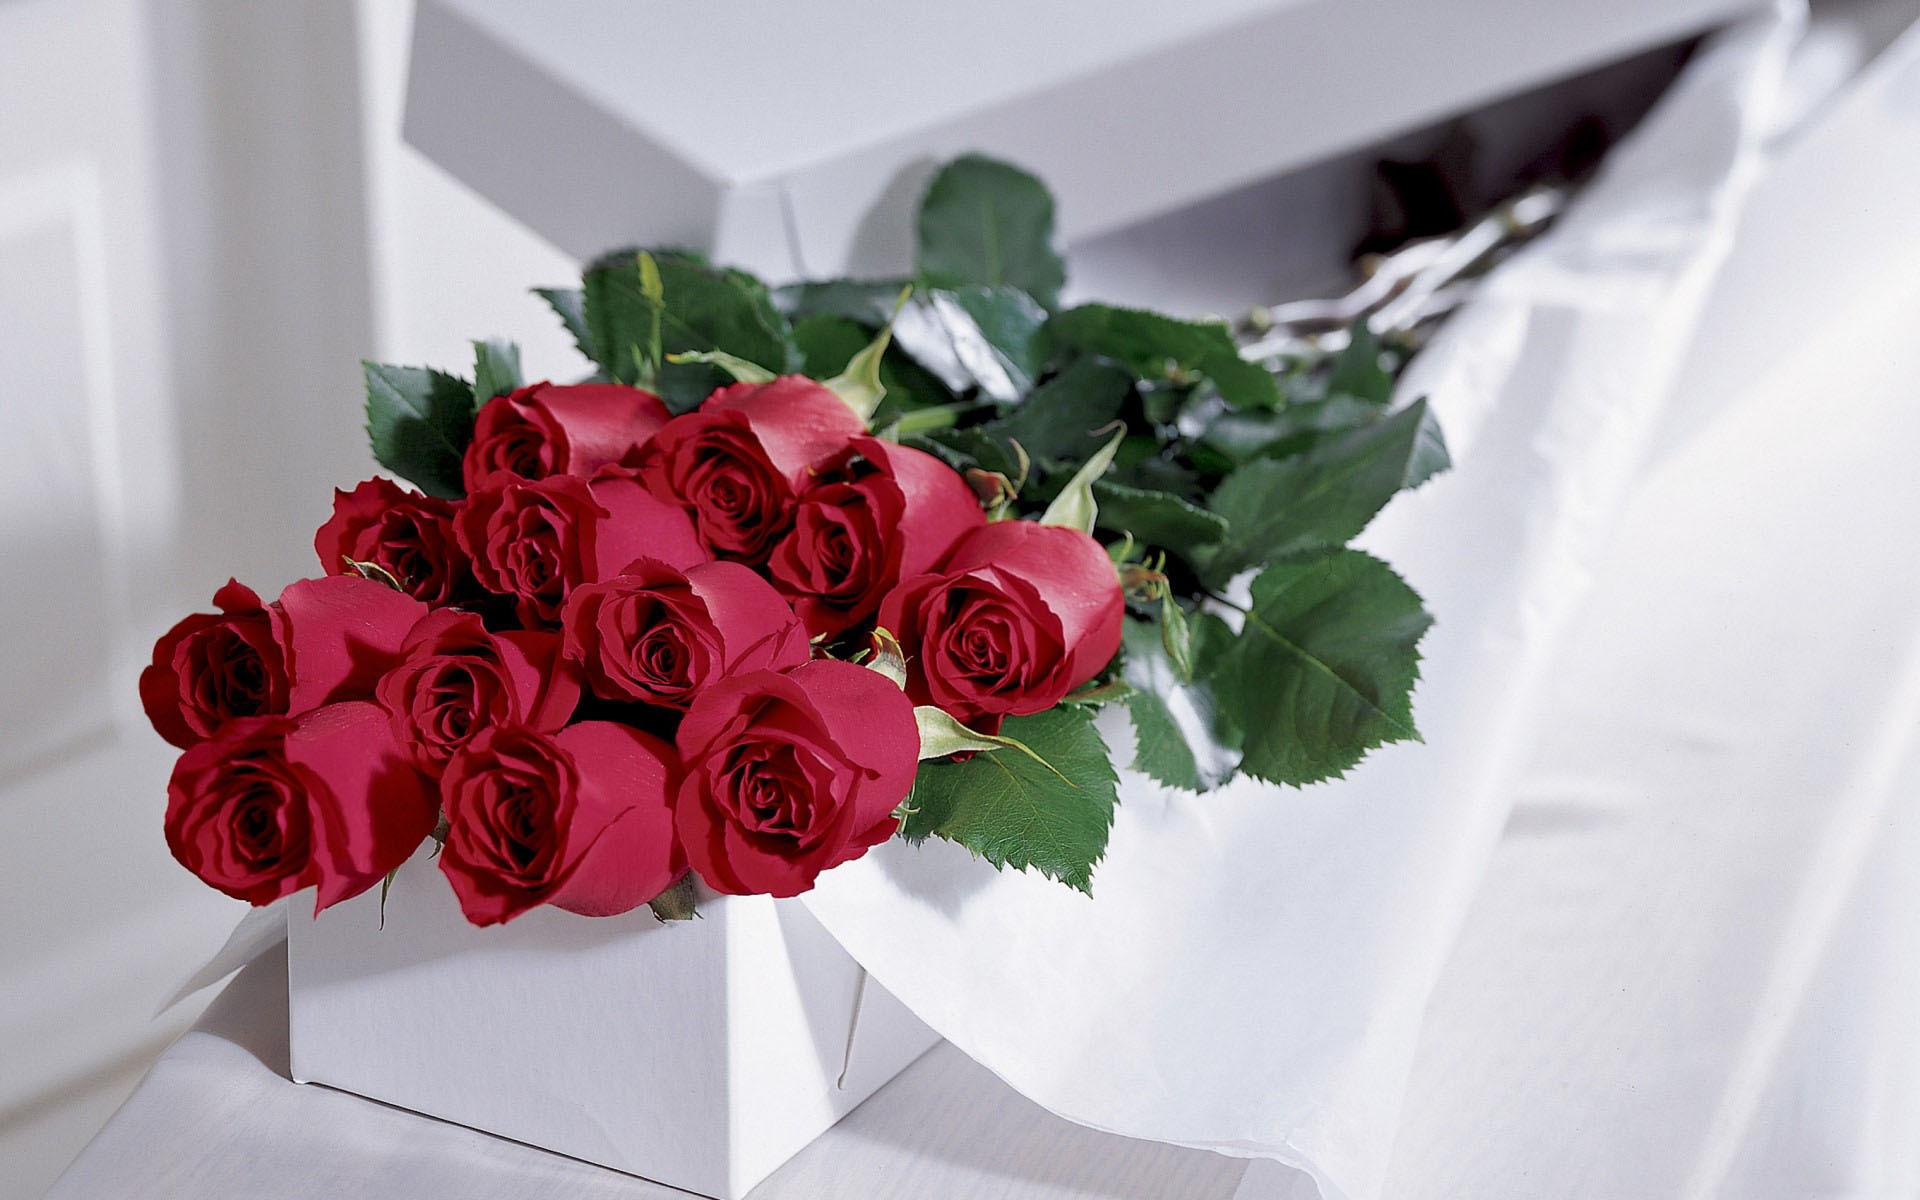 розы,упаковка,букет,праздник  № 759930 бесплатно